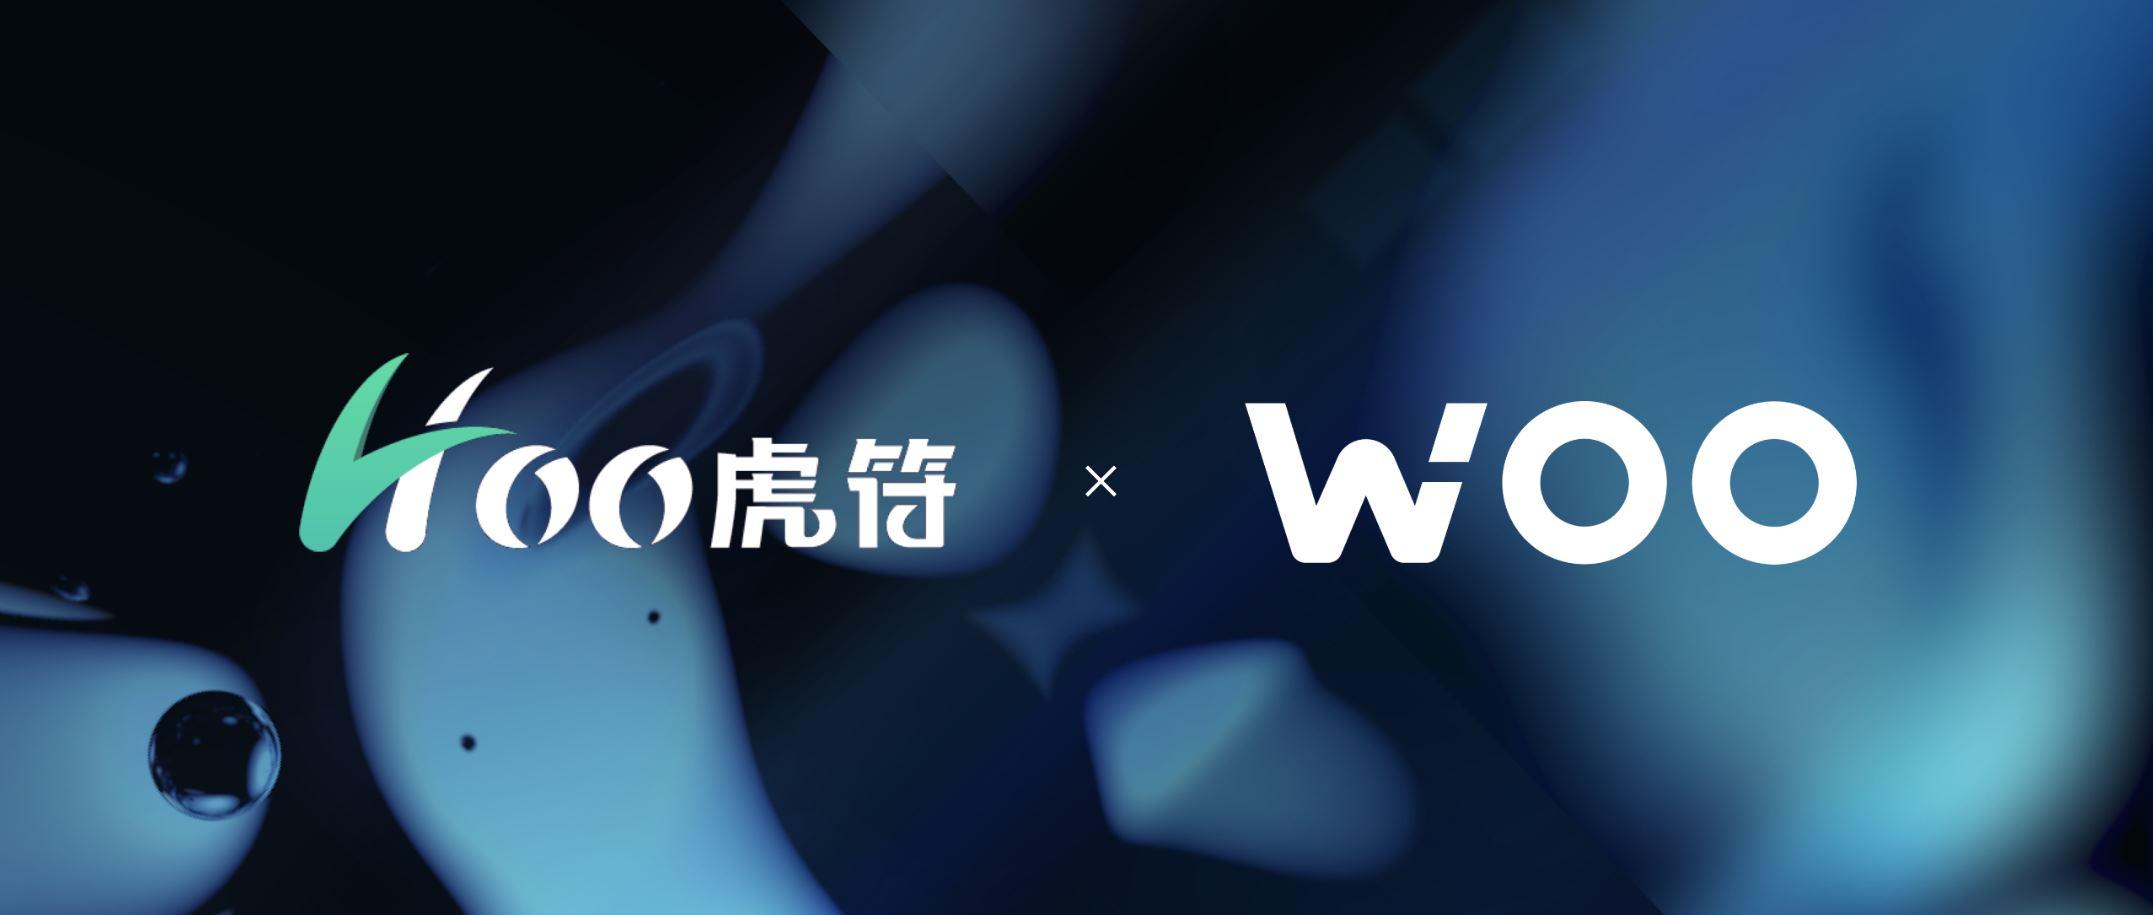 暗池WOOTRADE與虎符科技達成策略合作